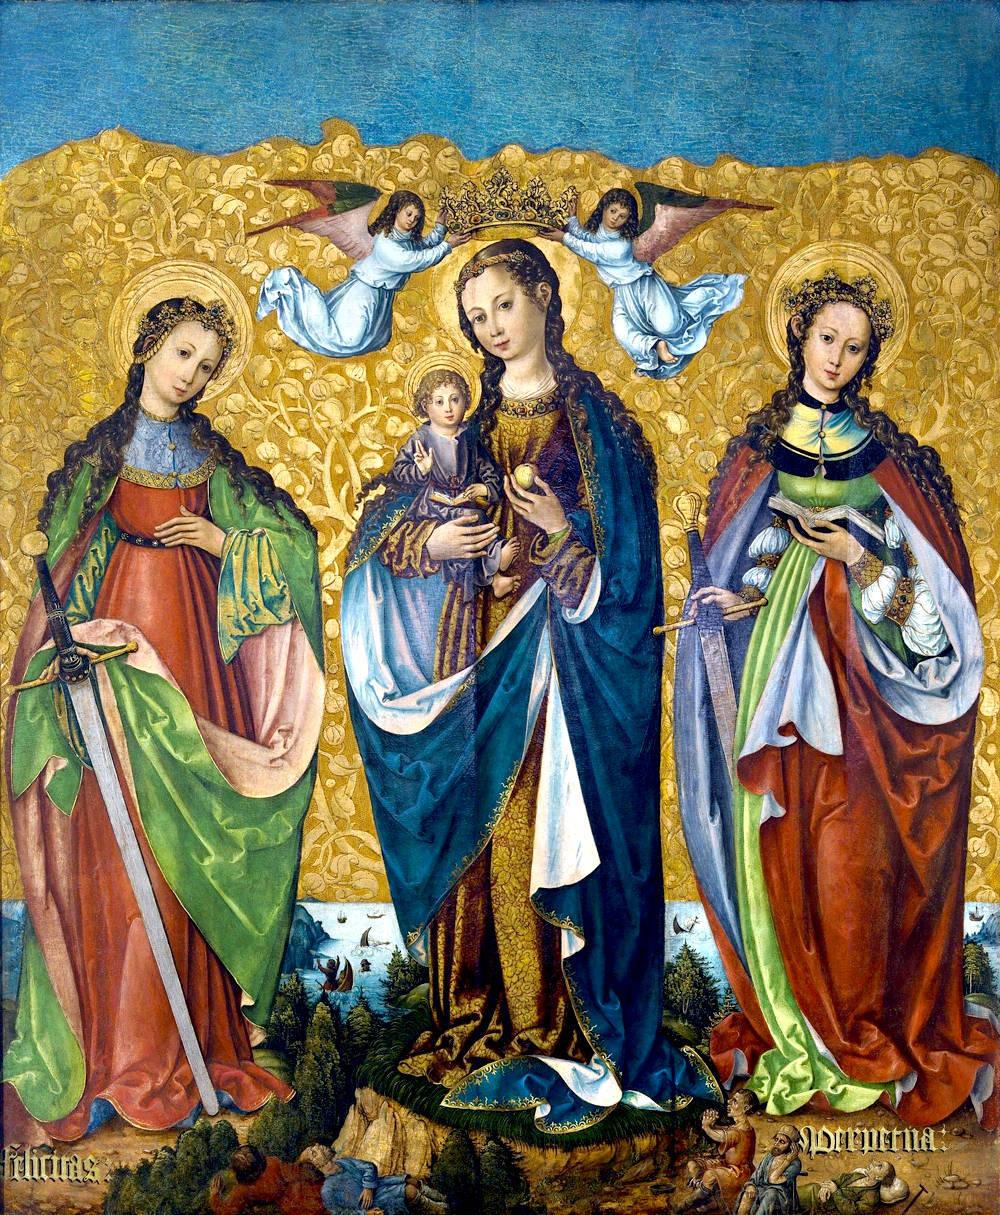 La Virgen María con el Niño Jesús junto con Santas Felícitas y Perpetua